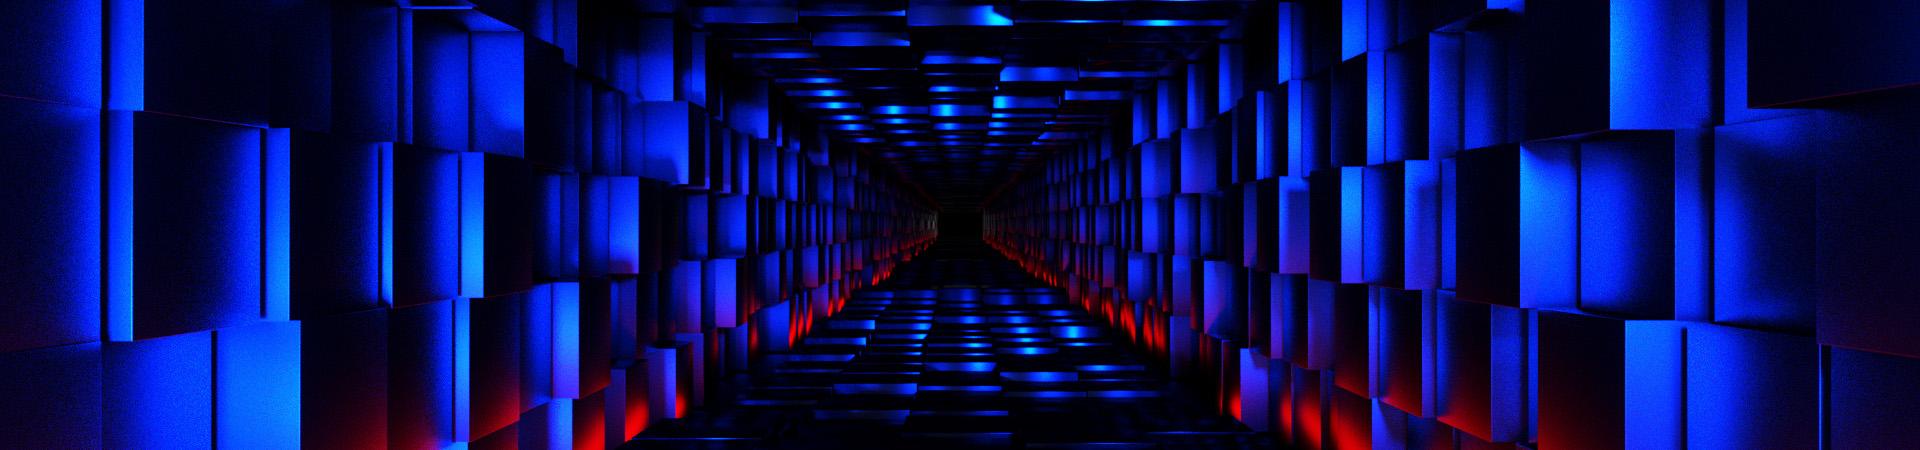 Tunnel-G-1-00000